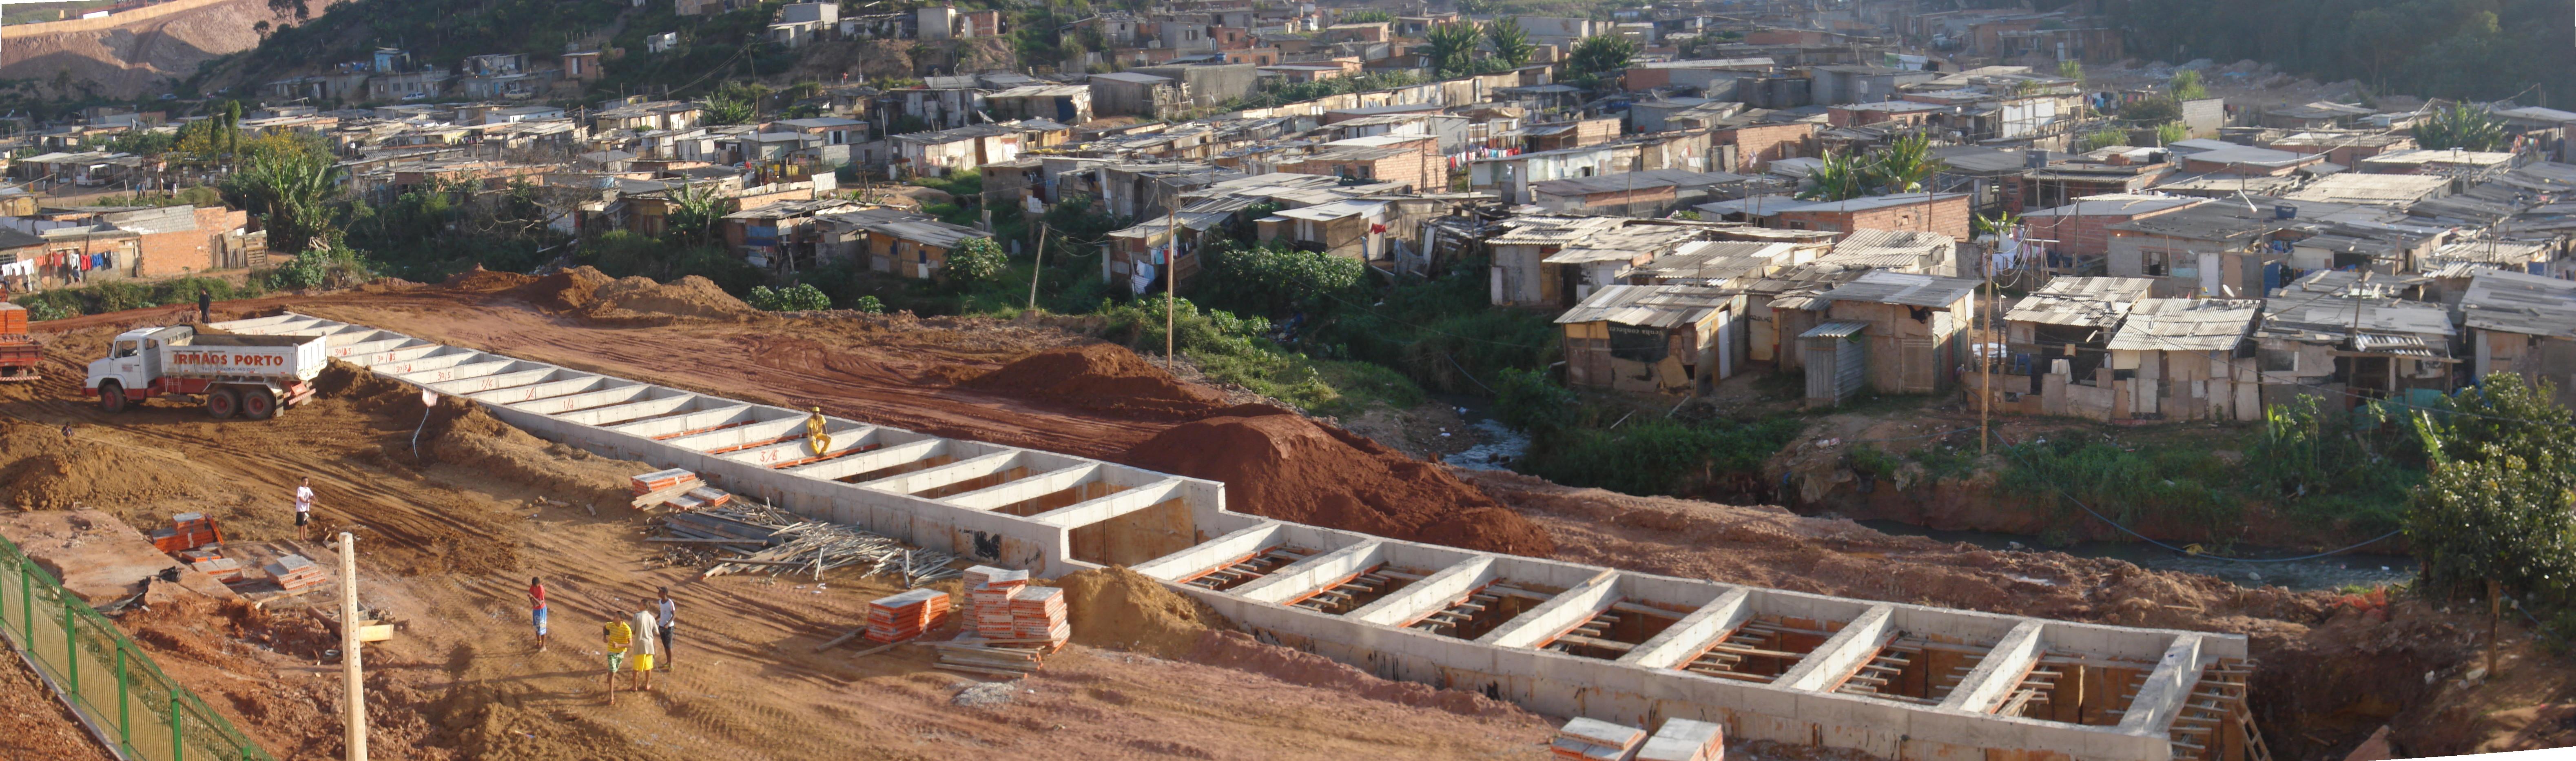 panoramica corrego são joão 08-06-09